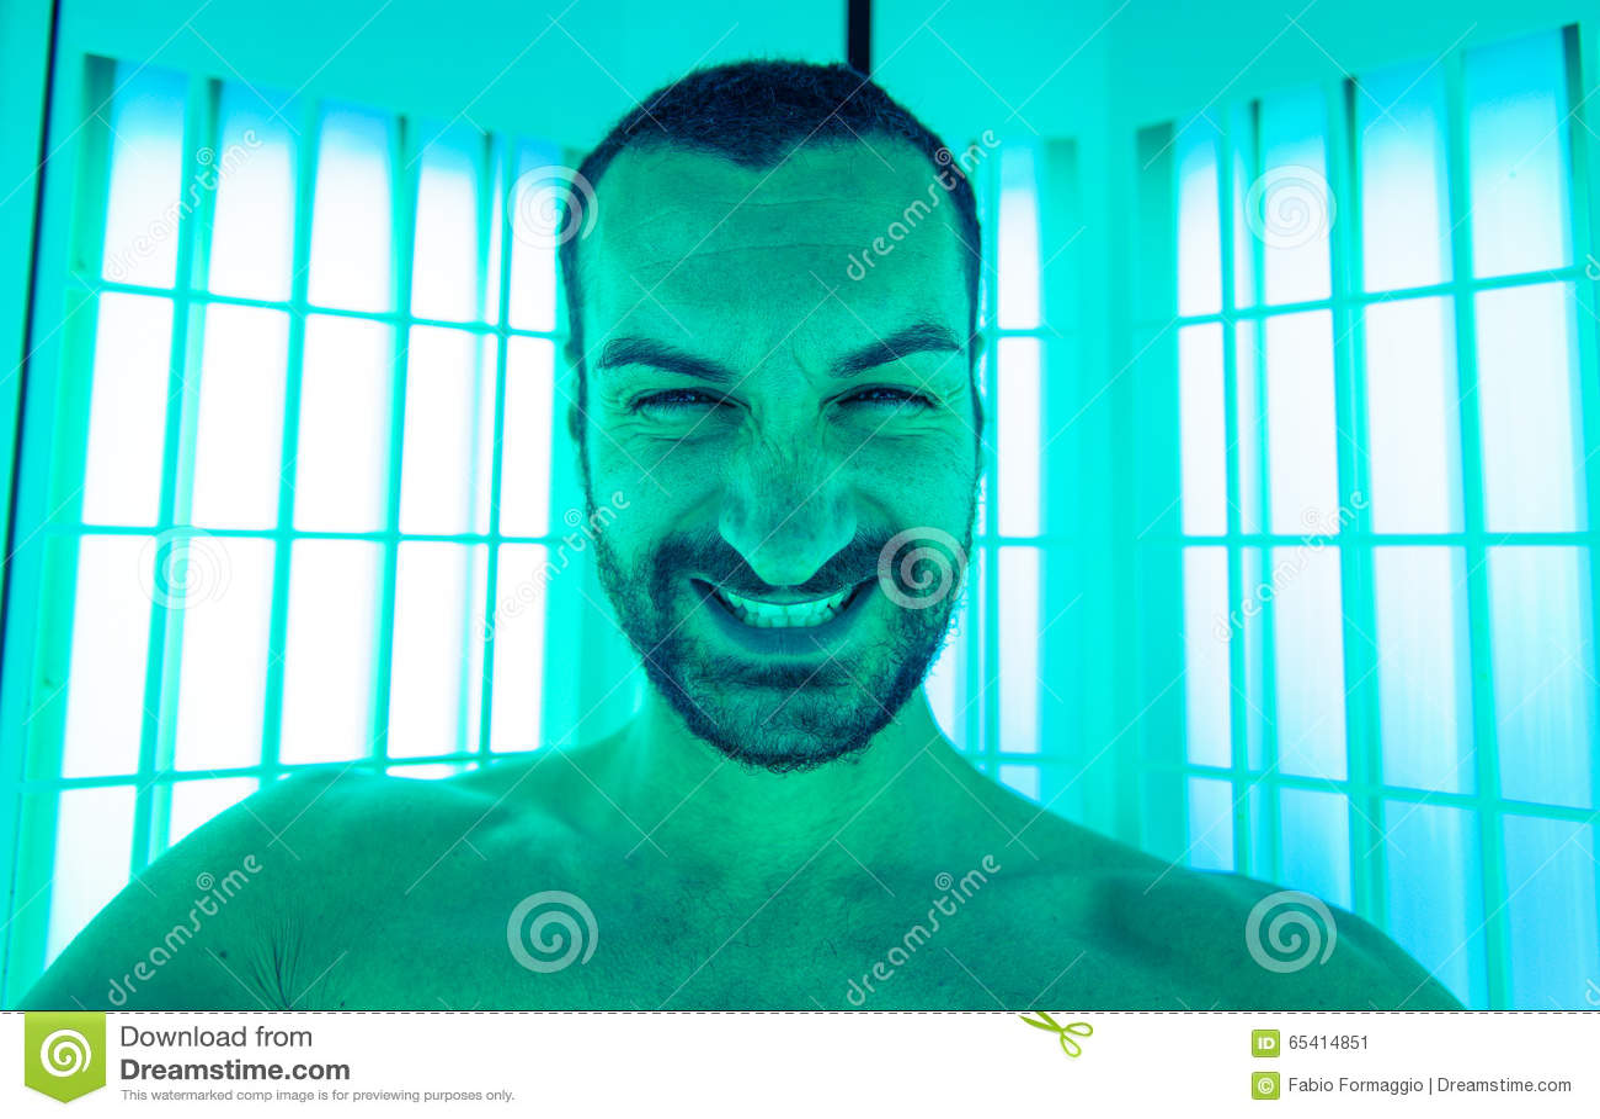 Solarium Selfie